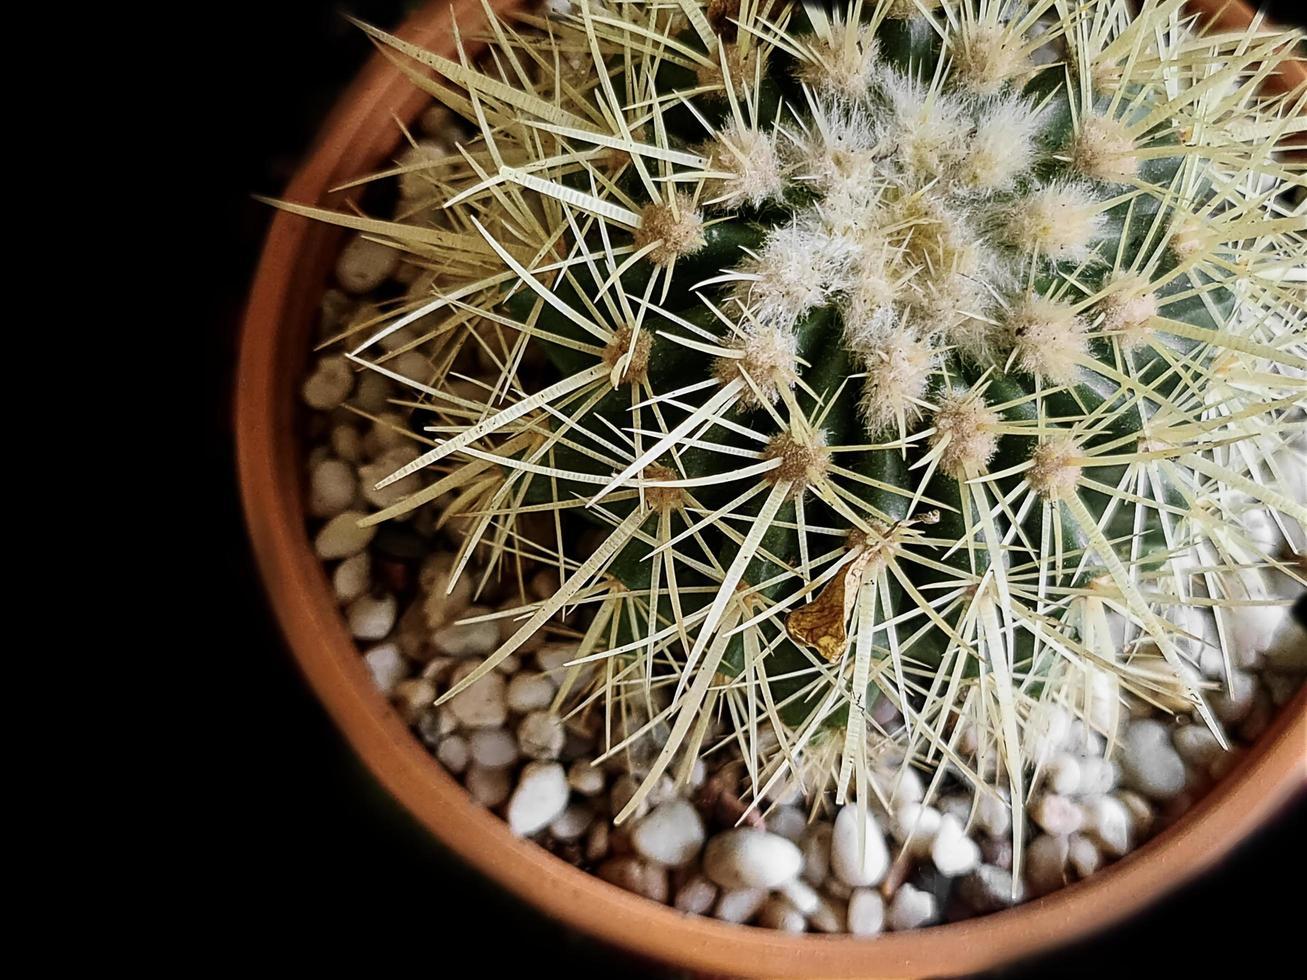 Cactus épineux en pot isolé sur fond noir avec mise au point sélective photo